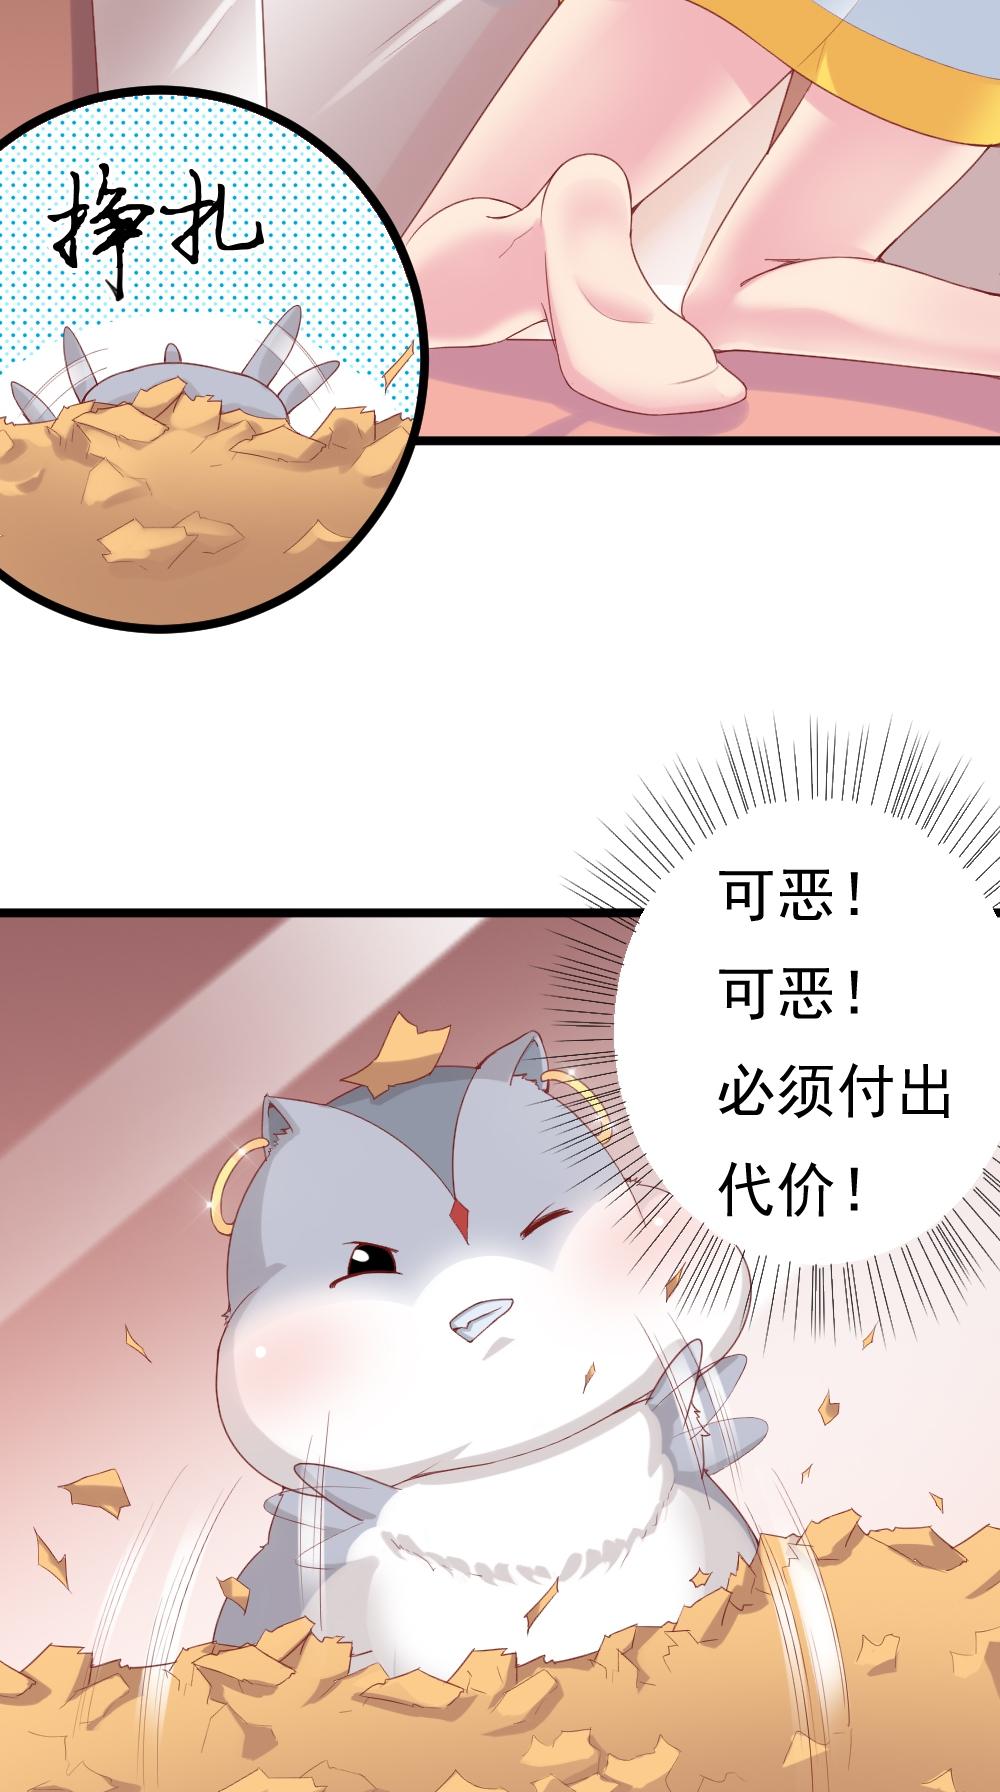 【小漫画】她没想到一次醉酒之后,竟惹上了恶魔总裁成为他的心尖人!